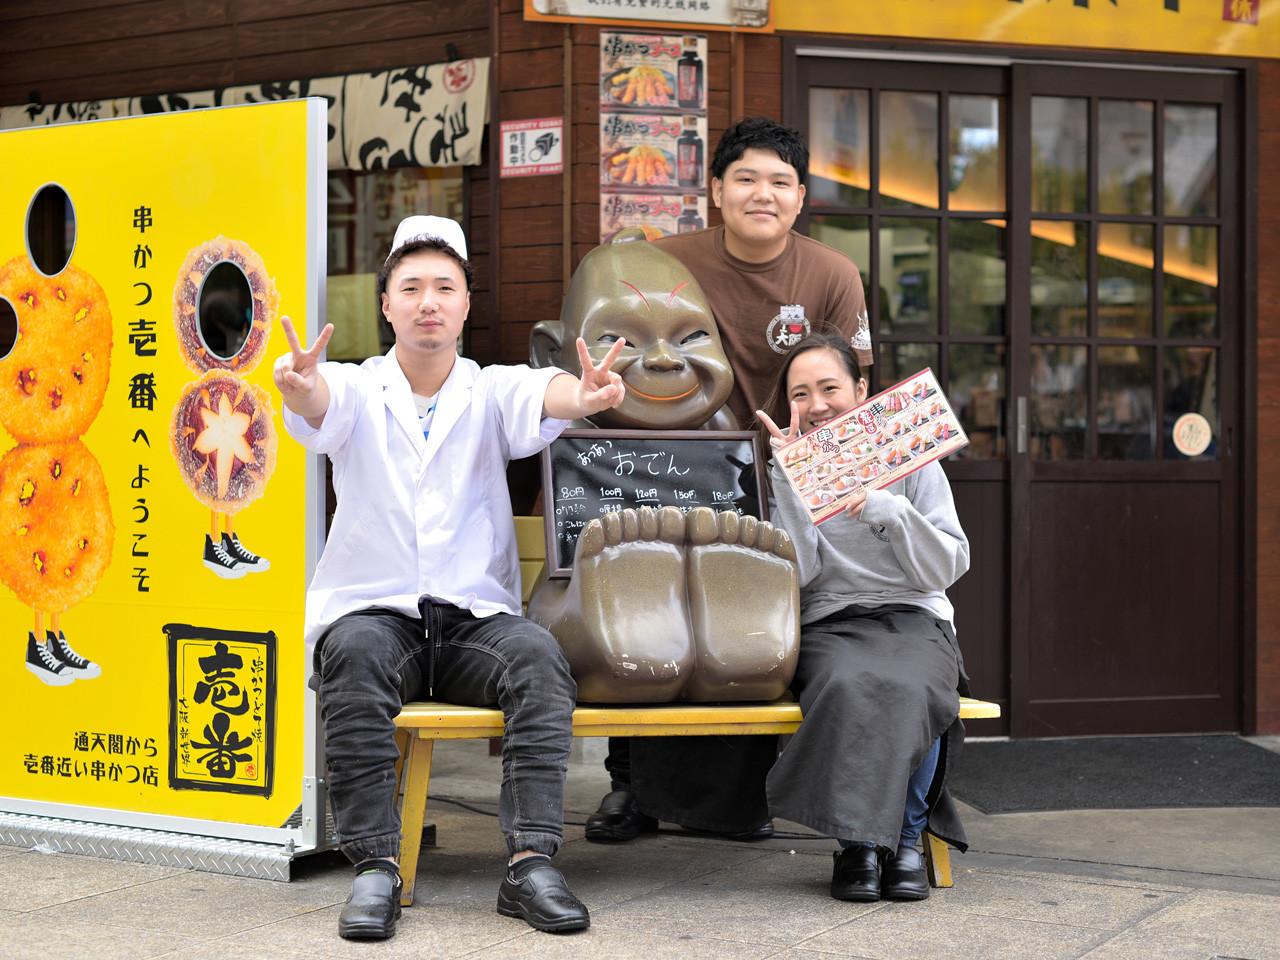 串かつ・どて焼き 大阪 新世界 壱番 のアルバイト情報